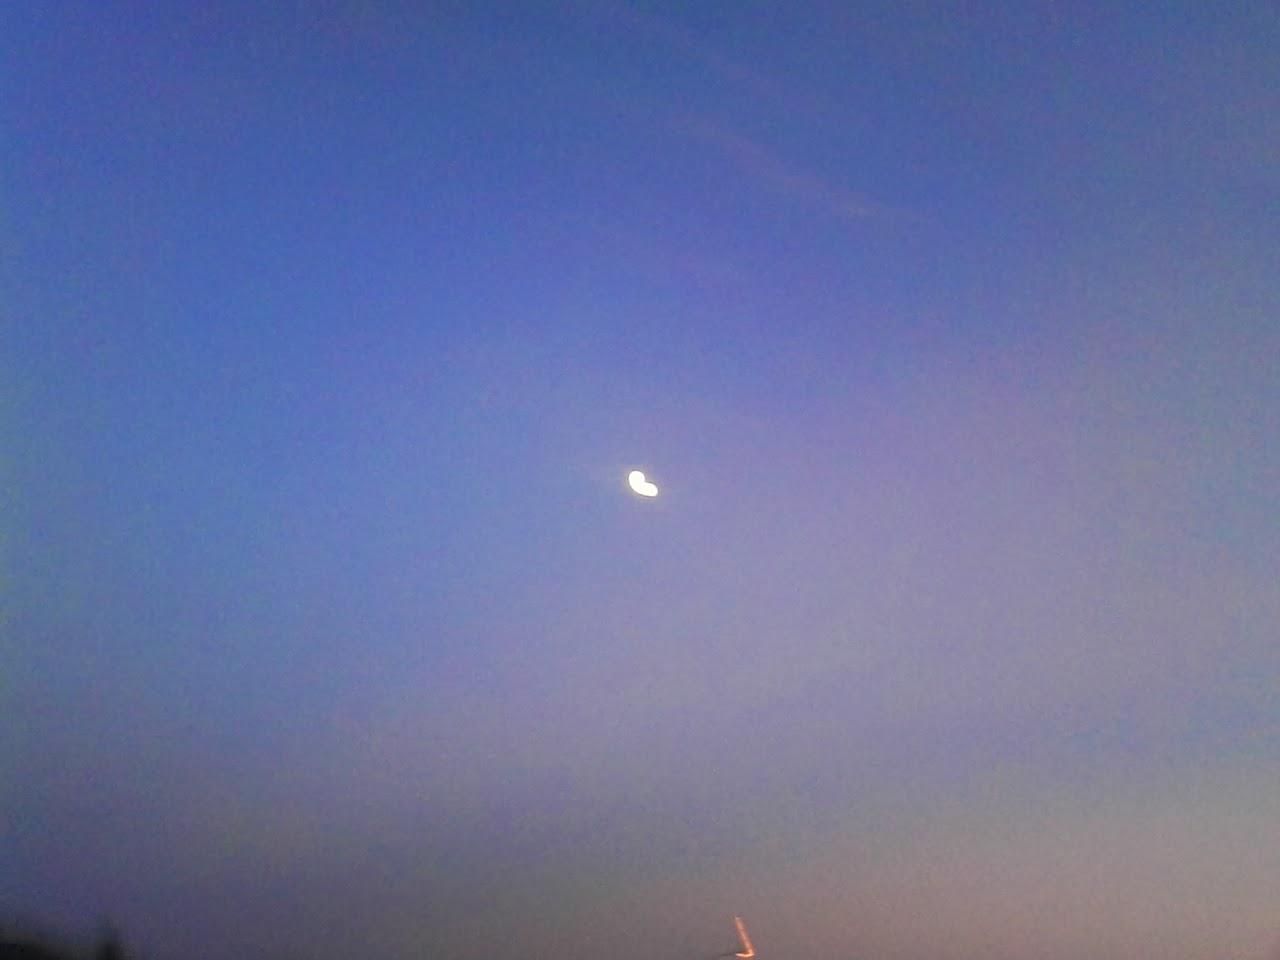 Sky - 1015190106.jpg